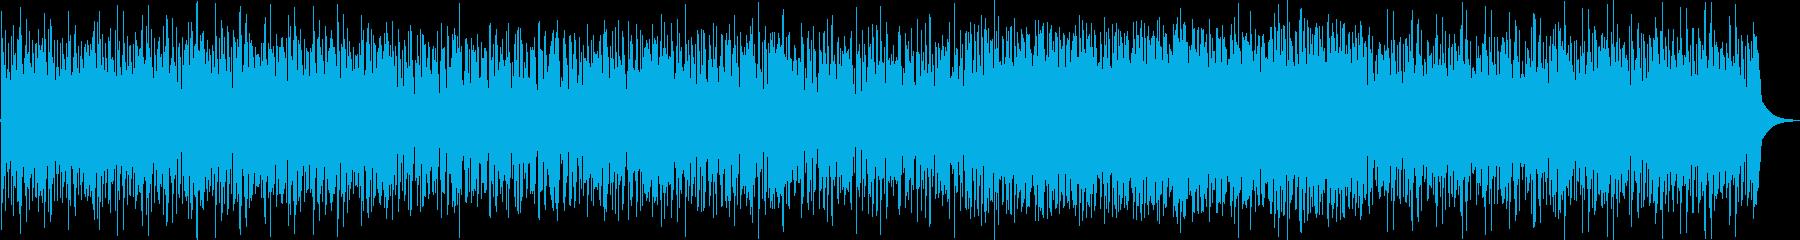 疾走感のあるピアノトリオの再生済みの波形